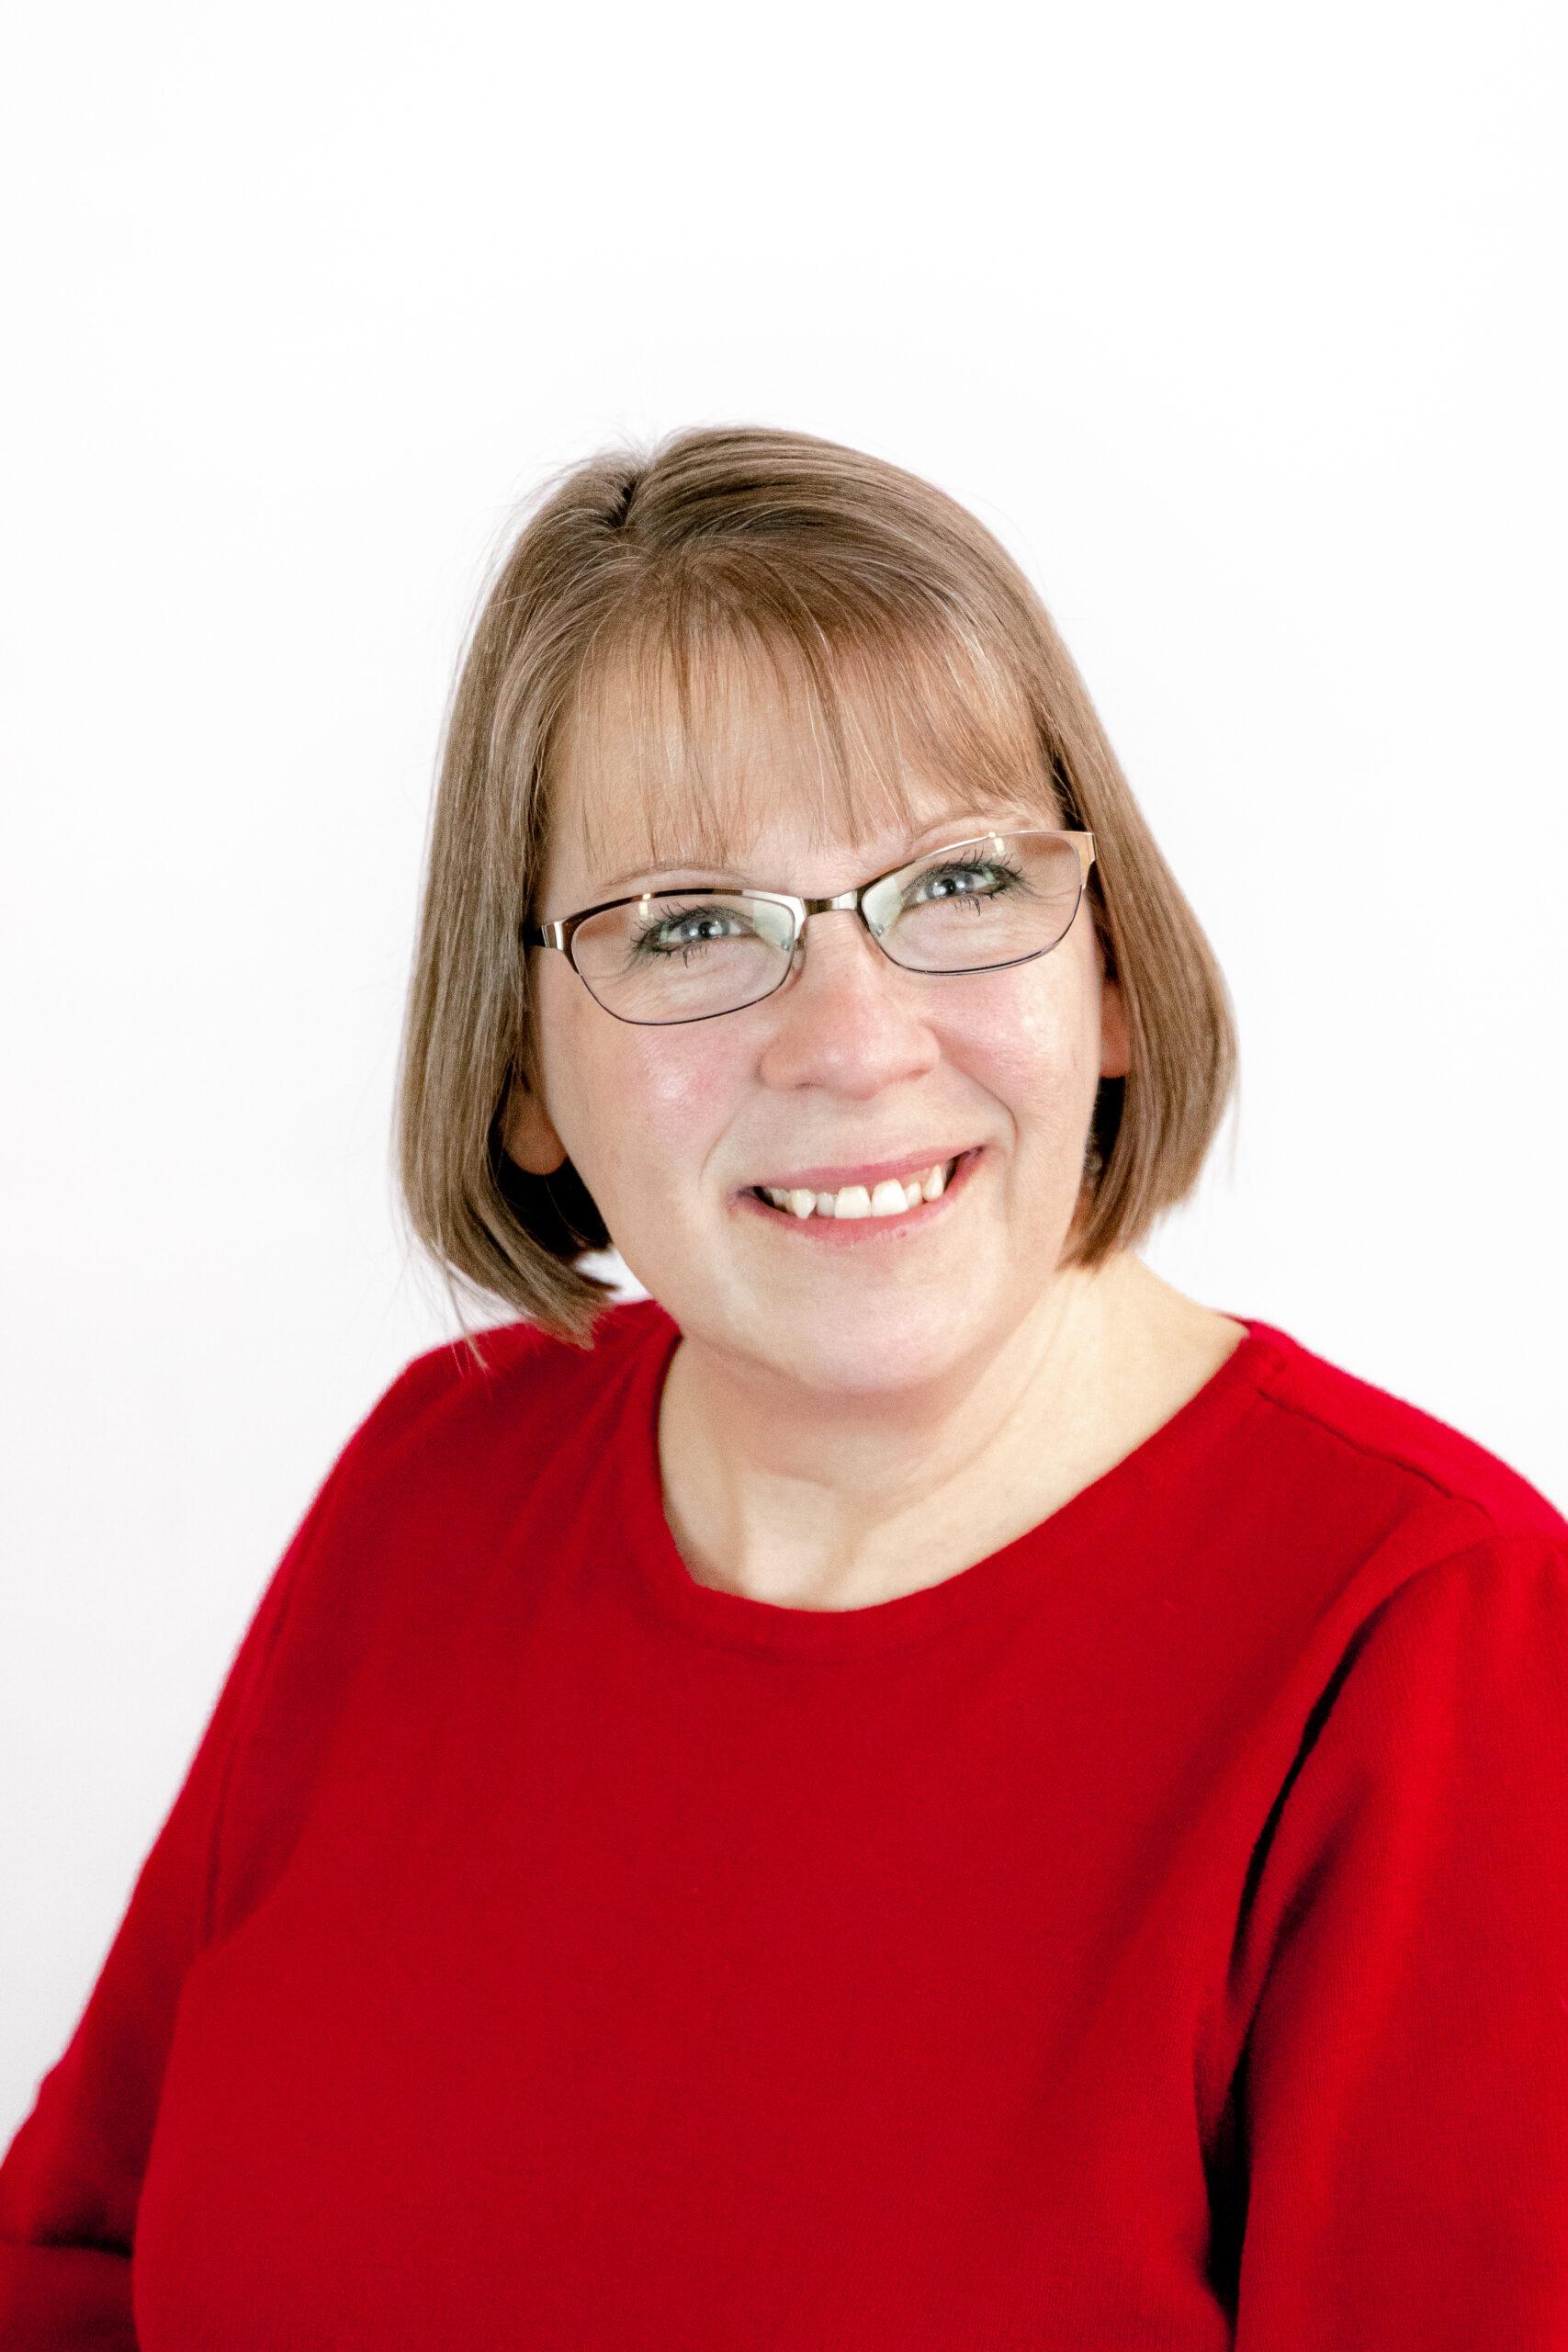 Dorene Patterson